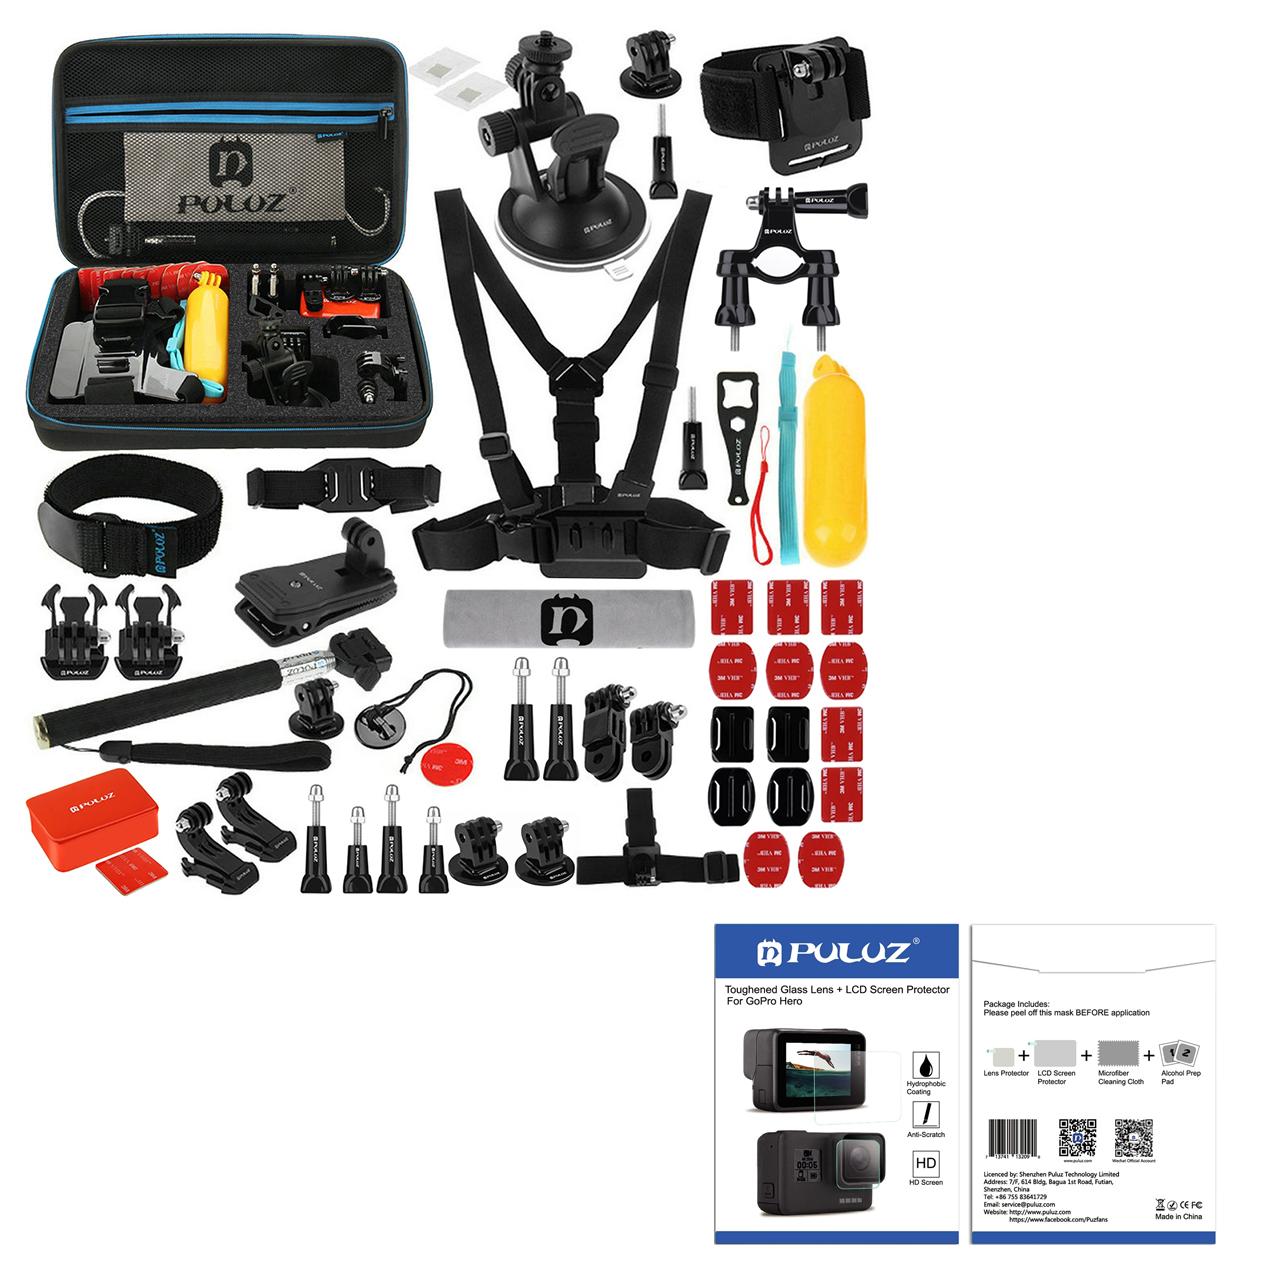 لوازم جانبی پلوز مدل PK09 مناسب برای دوربین ورزشی به همراه محافظ لنز و صفحه نمایش دوربین